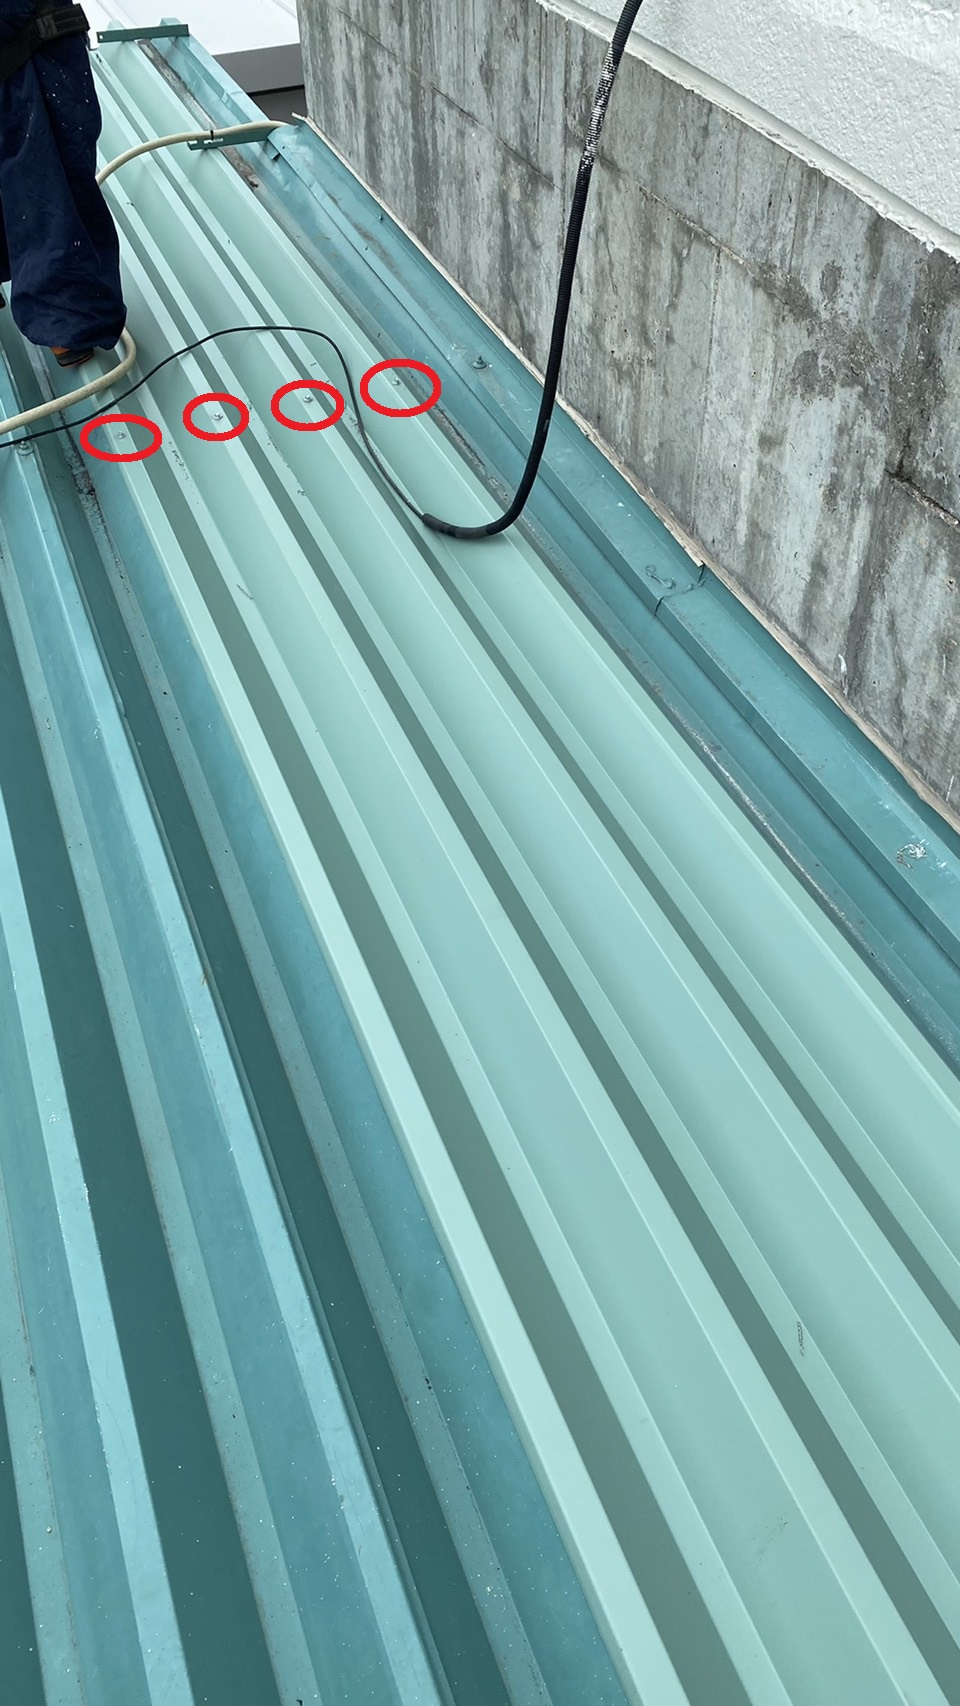 神戸市西区の工場で折板屋根を部分的に貼った様子